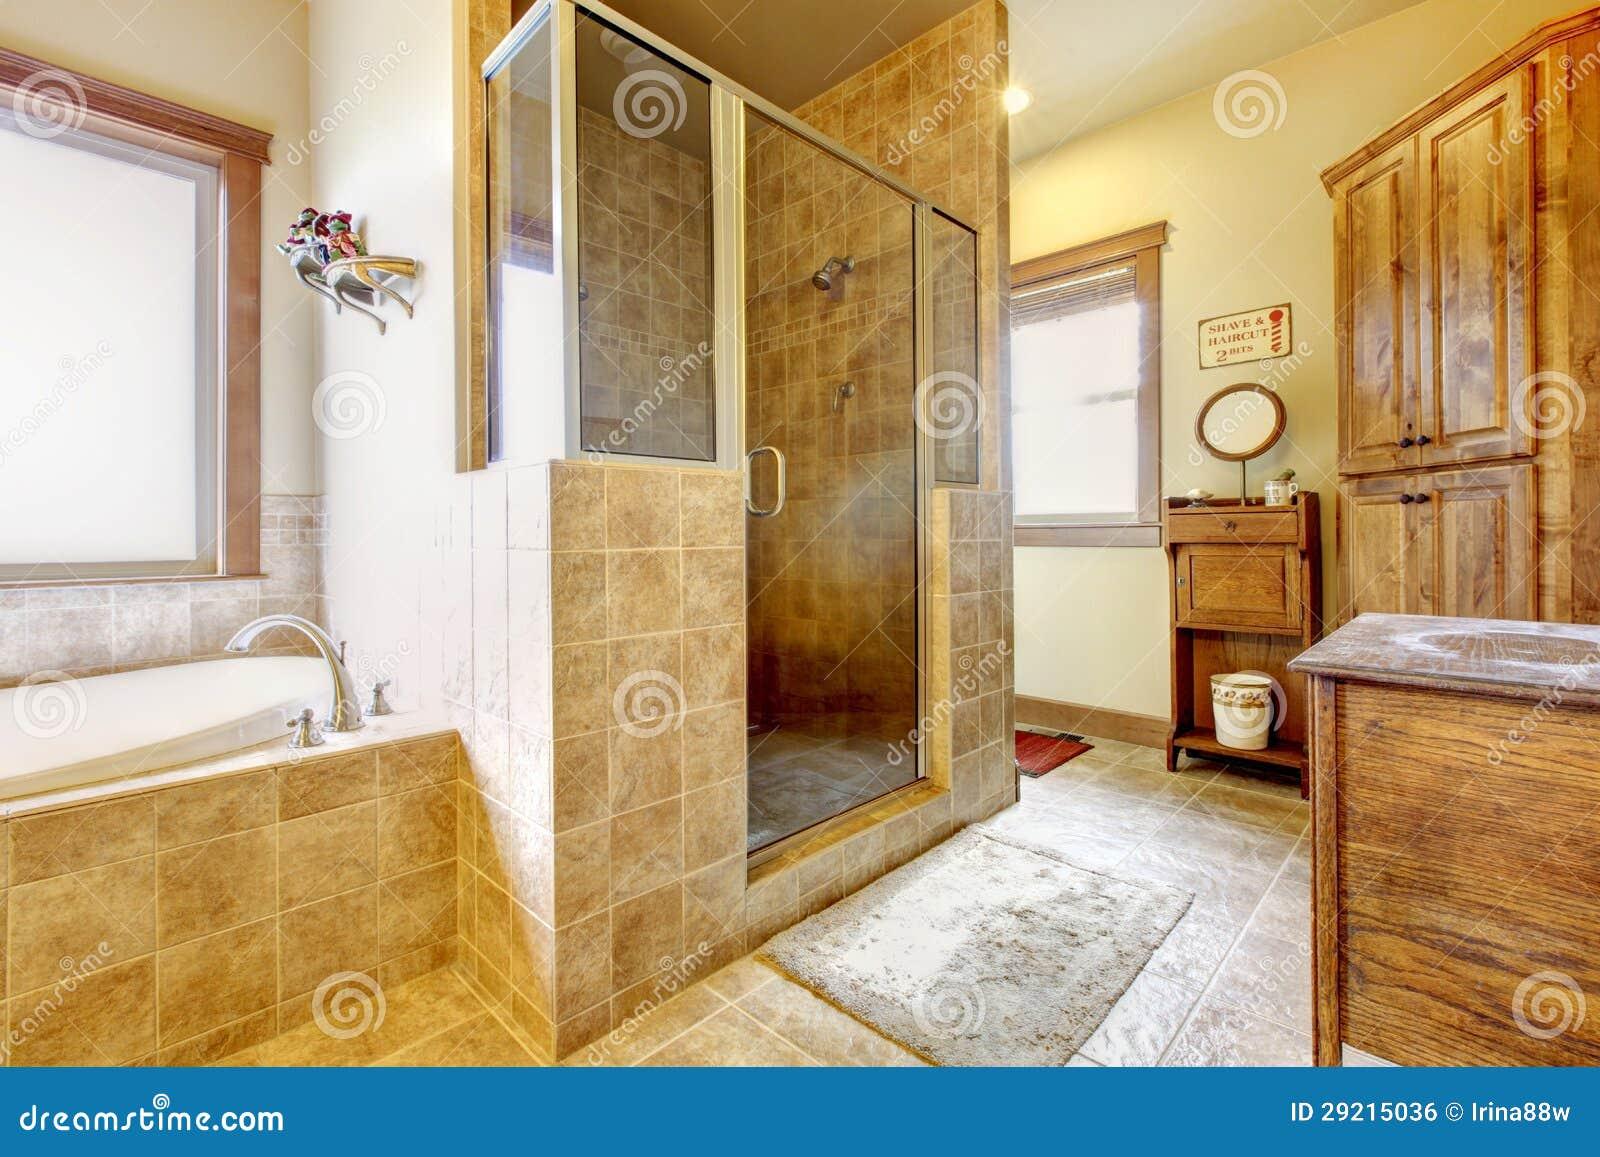 Bagno Legno Naturale : Grande bagno con mobilia di legno e colori naturali fotografia